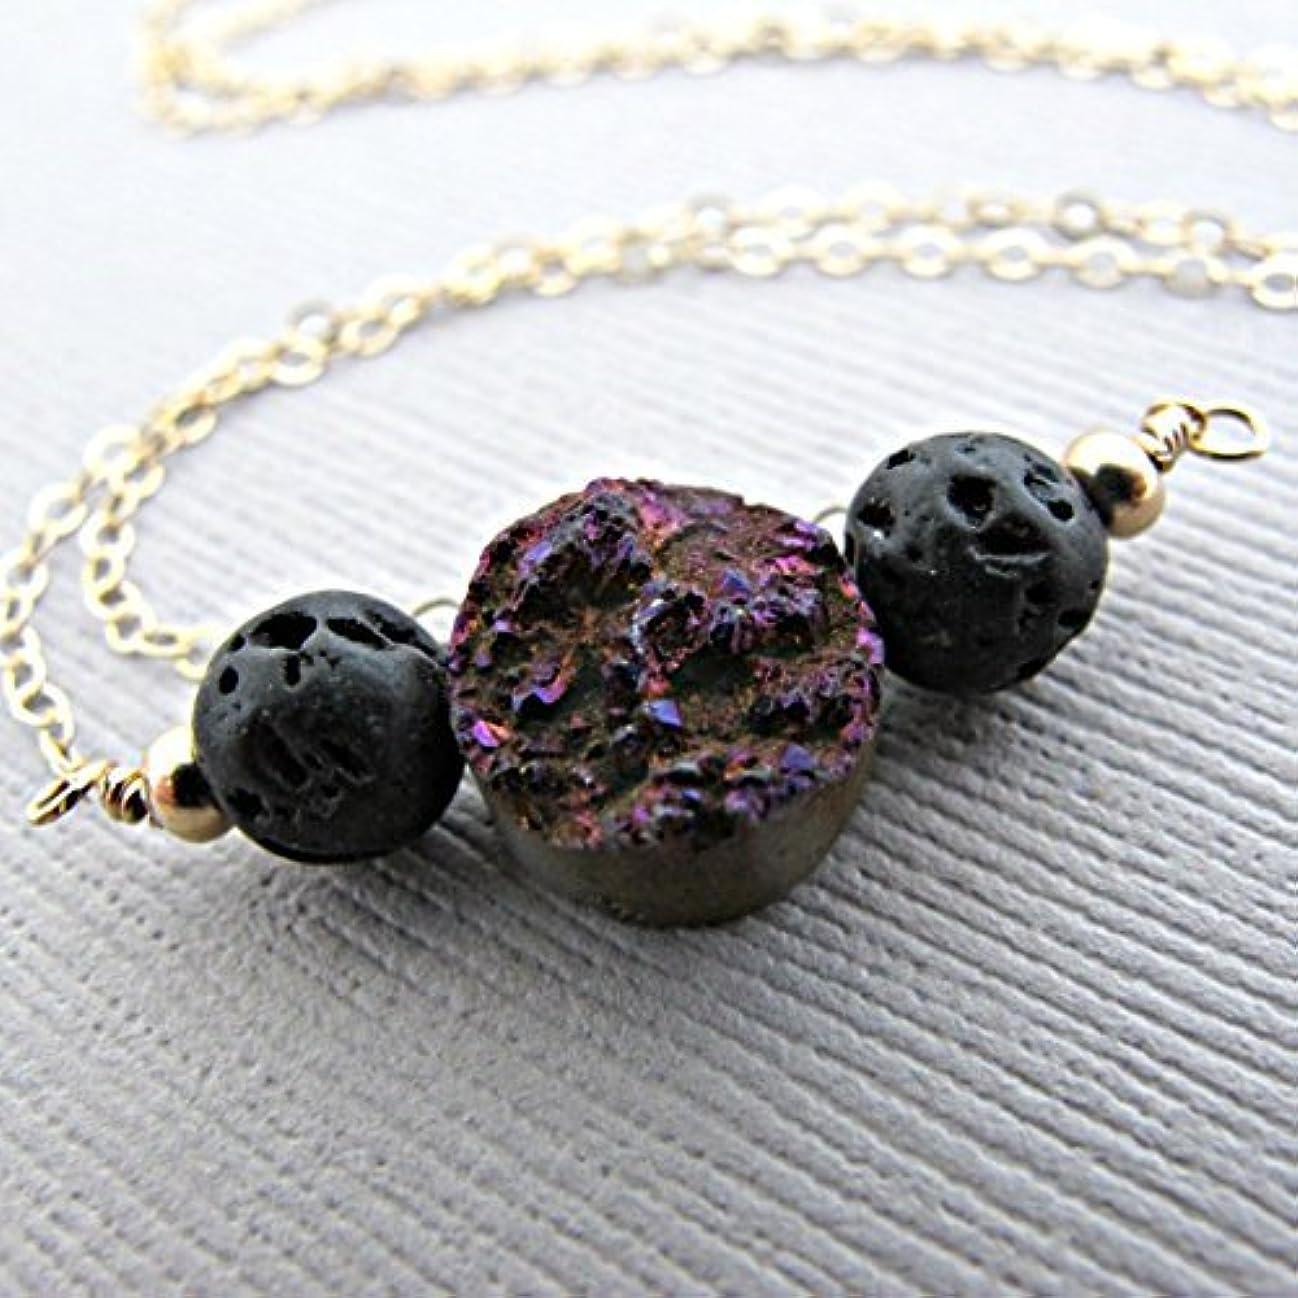 軽スープ次へPurple Druzy Lava Pendant Essential Oil Necklace Diffuser Aromatherapy - Simple Minimalist Lava Bead Diffuser...